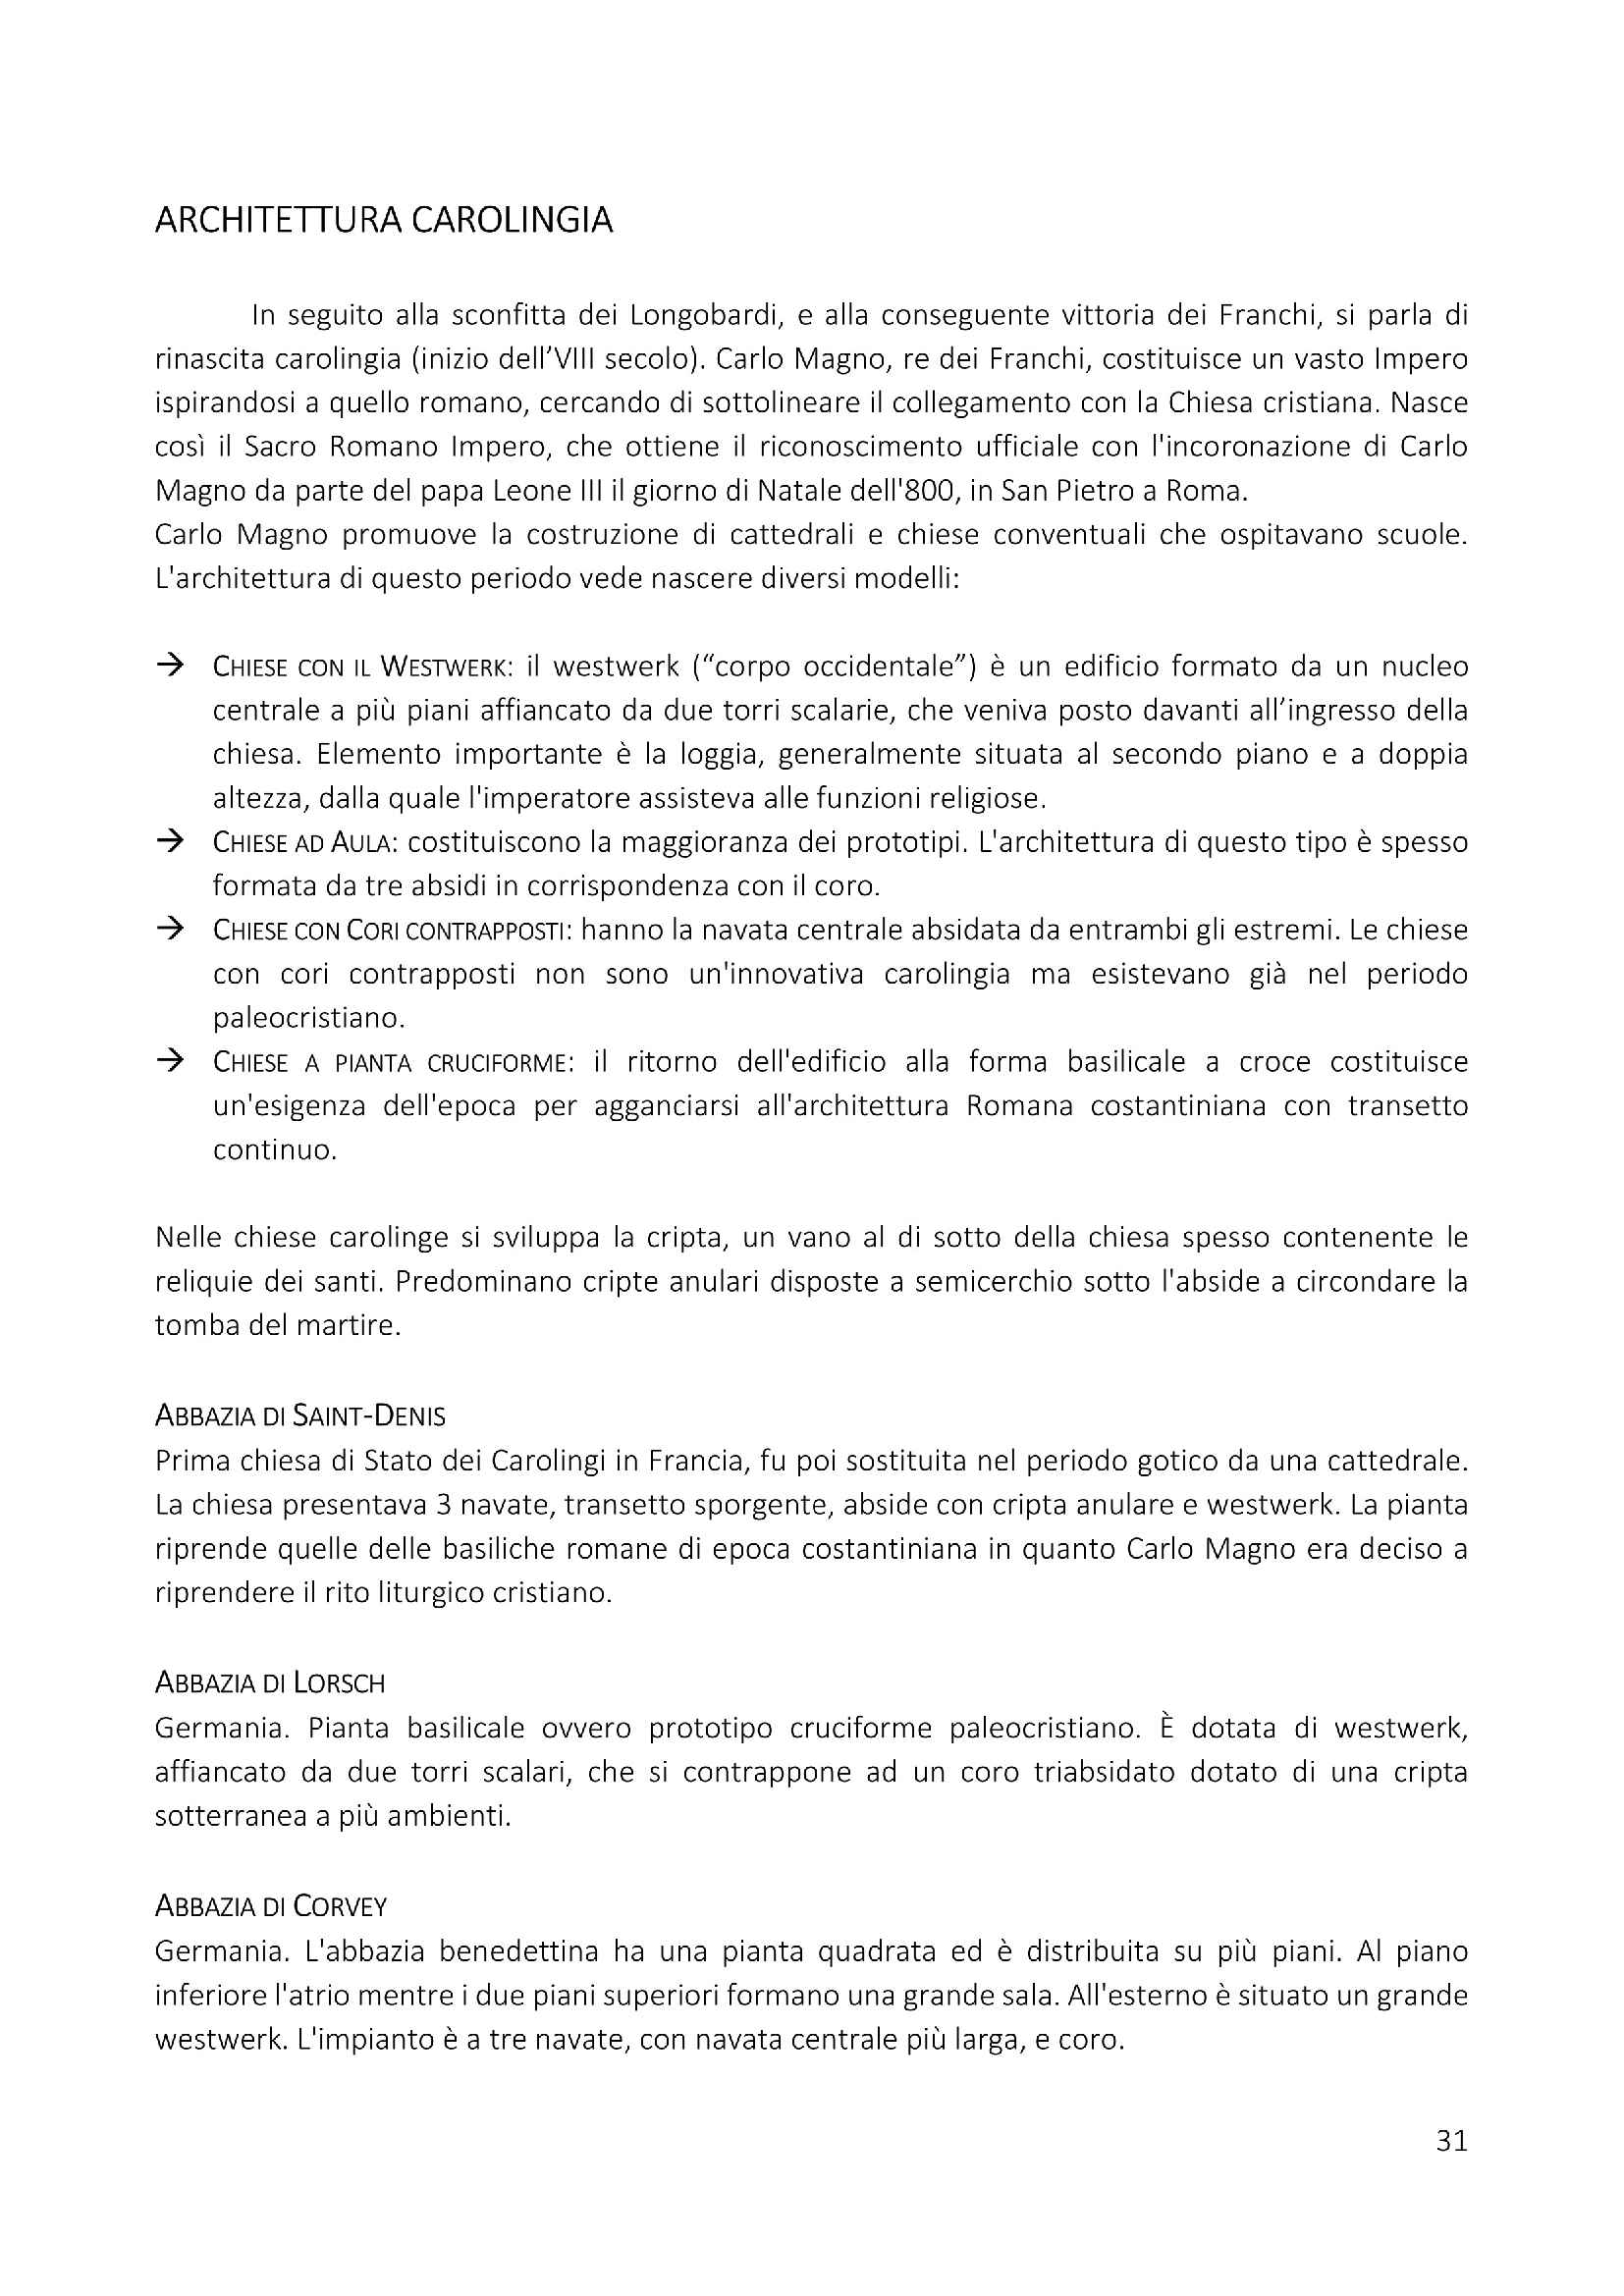 Riassunto del programma di storia dell'architettura ed estetica del prof. Dimitri Ticconi Pag. 31